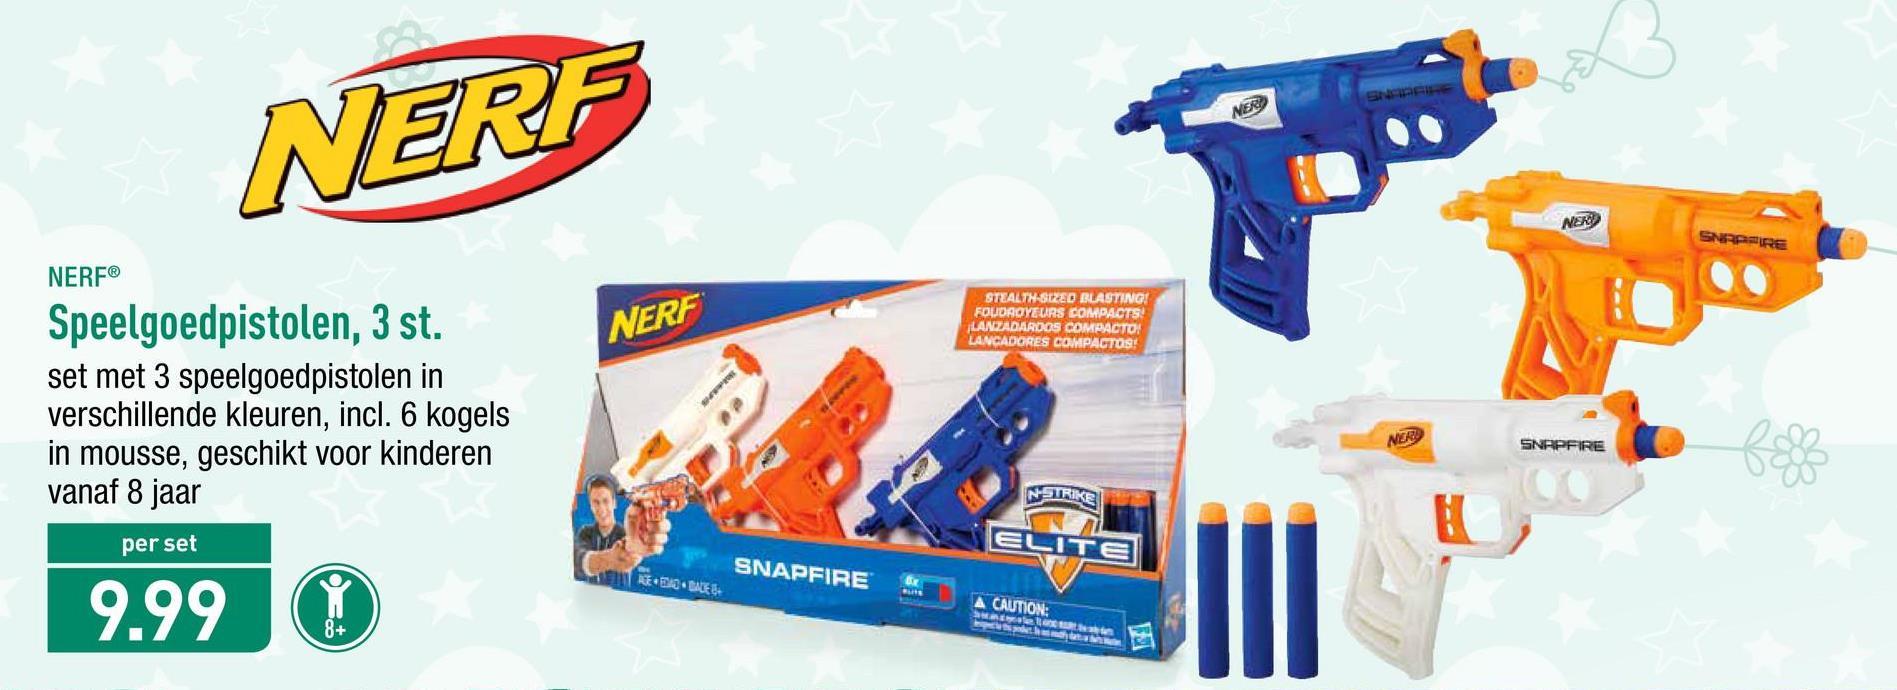 < VER NERF NERO NERF STEALTH-SIZED BLASTING! FOUDAOYEURS COMPACTS! ¡LANZADARDOS COMPACTO: LANGADORES COMPACTOS! NERF® Speelgoedpistolen, 3 st. set met 3 speelgoedpistolen in verschillende kleuren, incl. 6 kogels in mousse, geschikt voor kinderen vanaf 8 jaar SNAPFIRE NSTRIKE per set ELITE SNAPFIRE R 10 LADEE 9.99 A CAUTION: